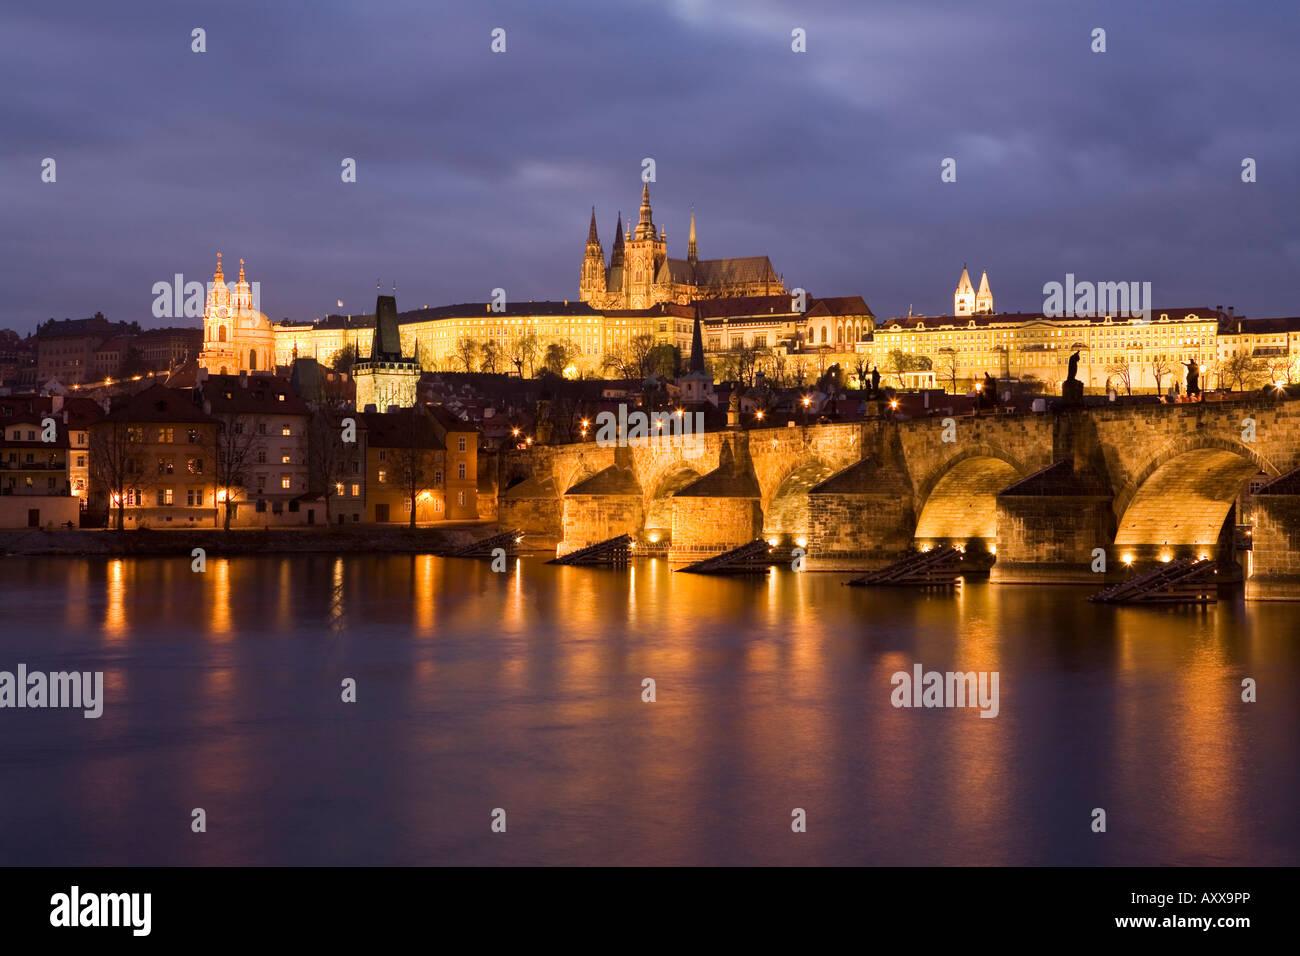 Catedral de San Vito, el Puente Carlos y el barrio del castillo iluminado por la noche en invierno, Praga, República Checa Foto de stock